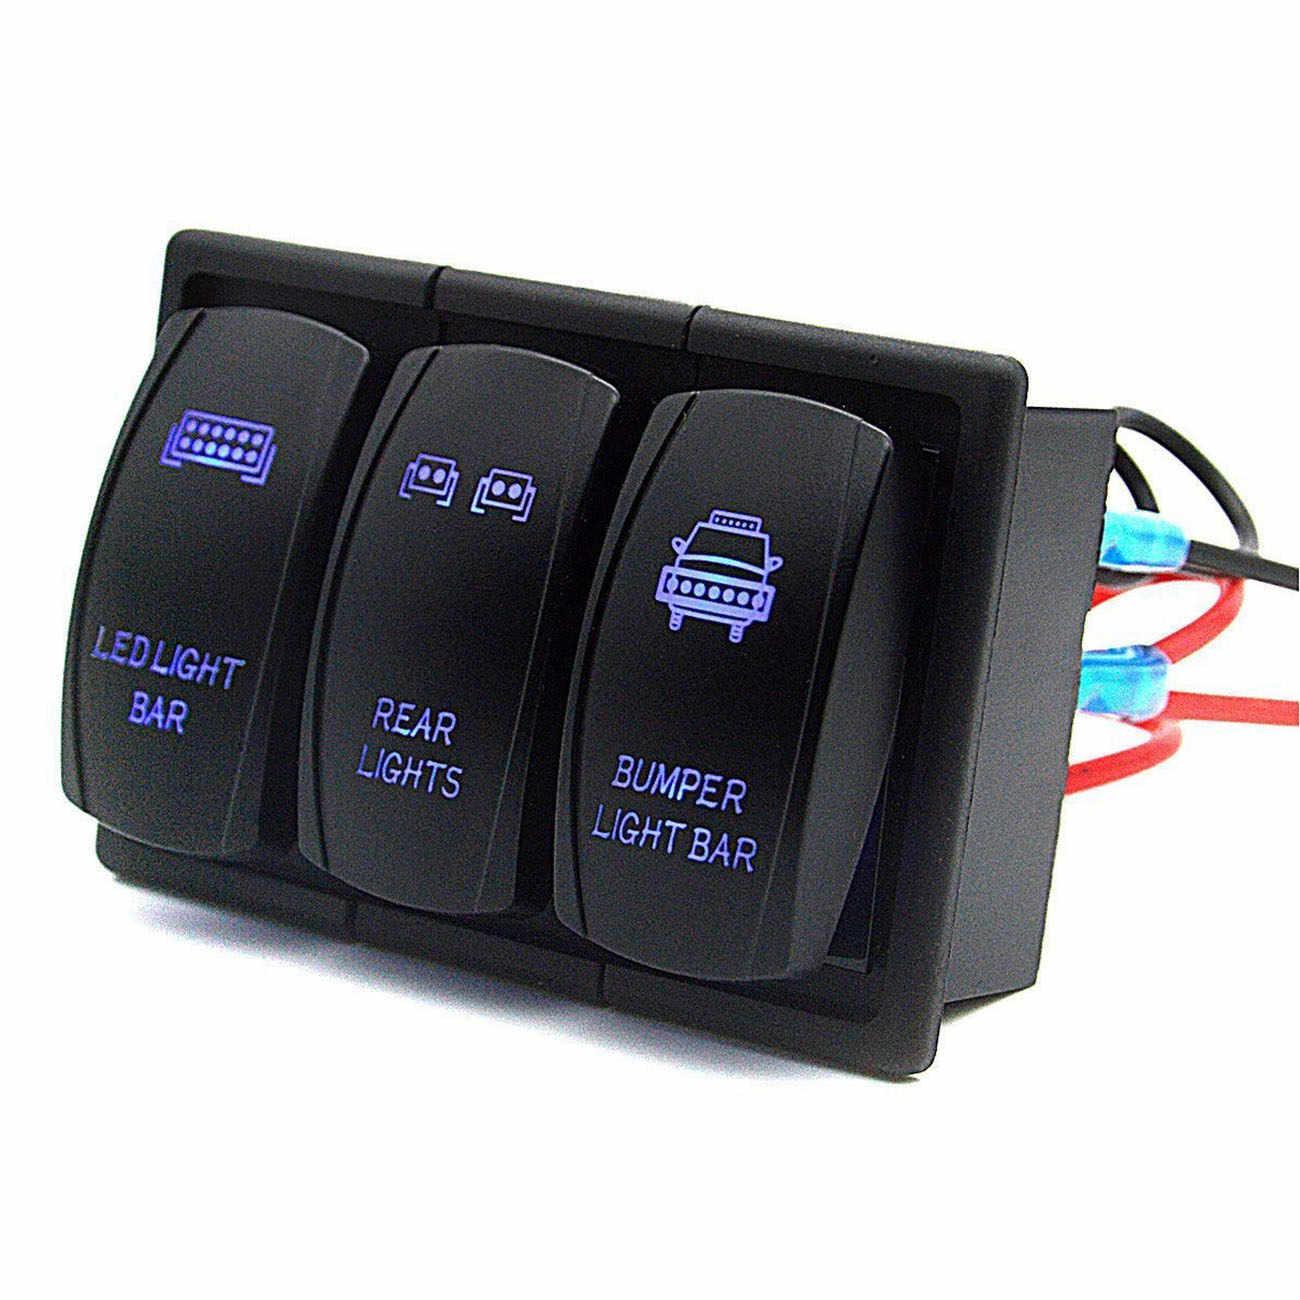 Rocker Switch Panel Led Light Bar Rocker Switch 3 Gang Switch Panel Wiring Harness Pre Wired Rocker Switch Holder Included Wat Aliexpress